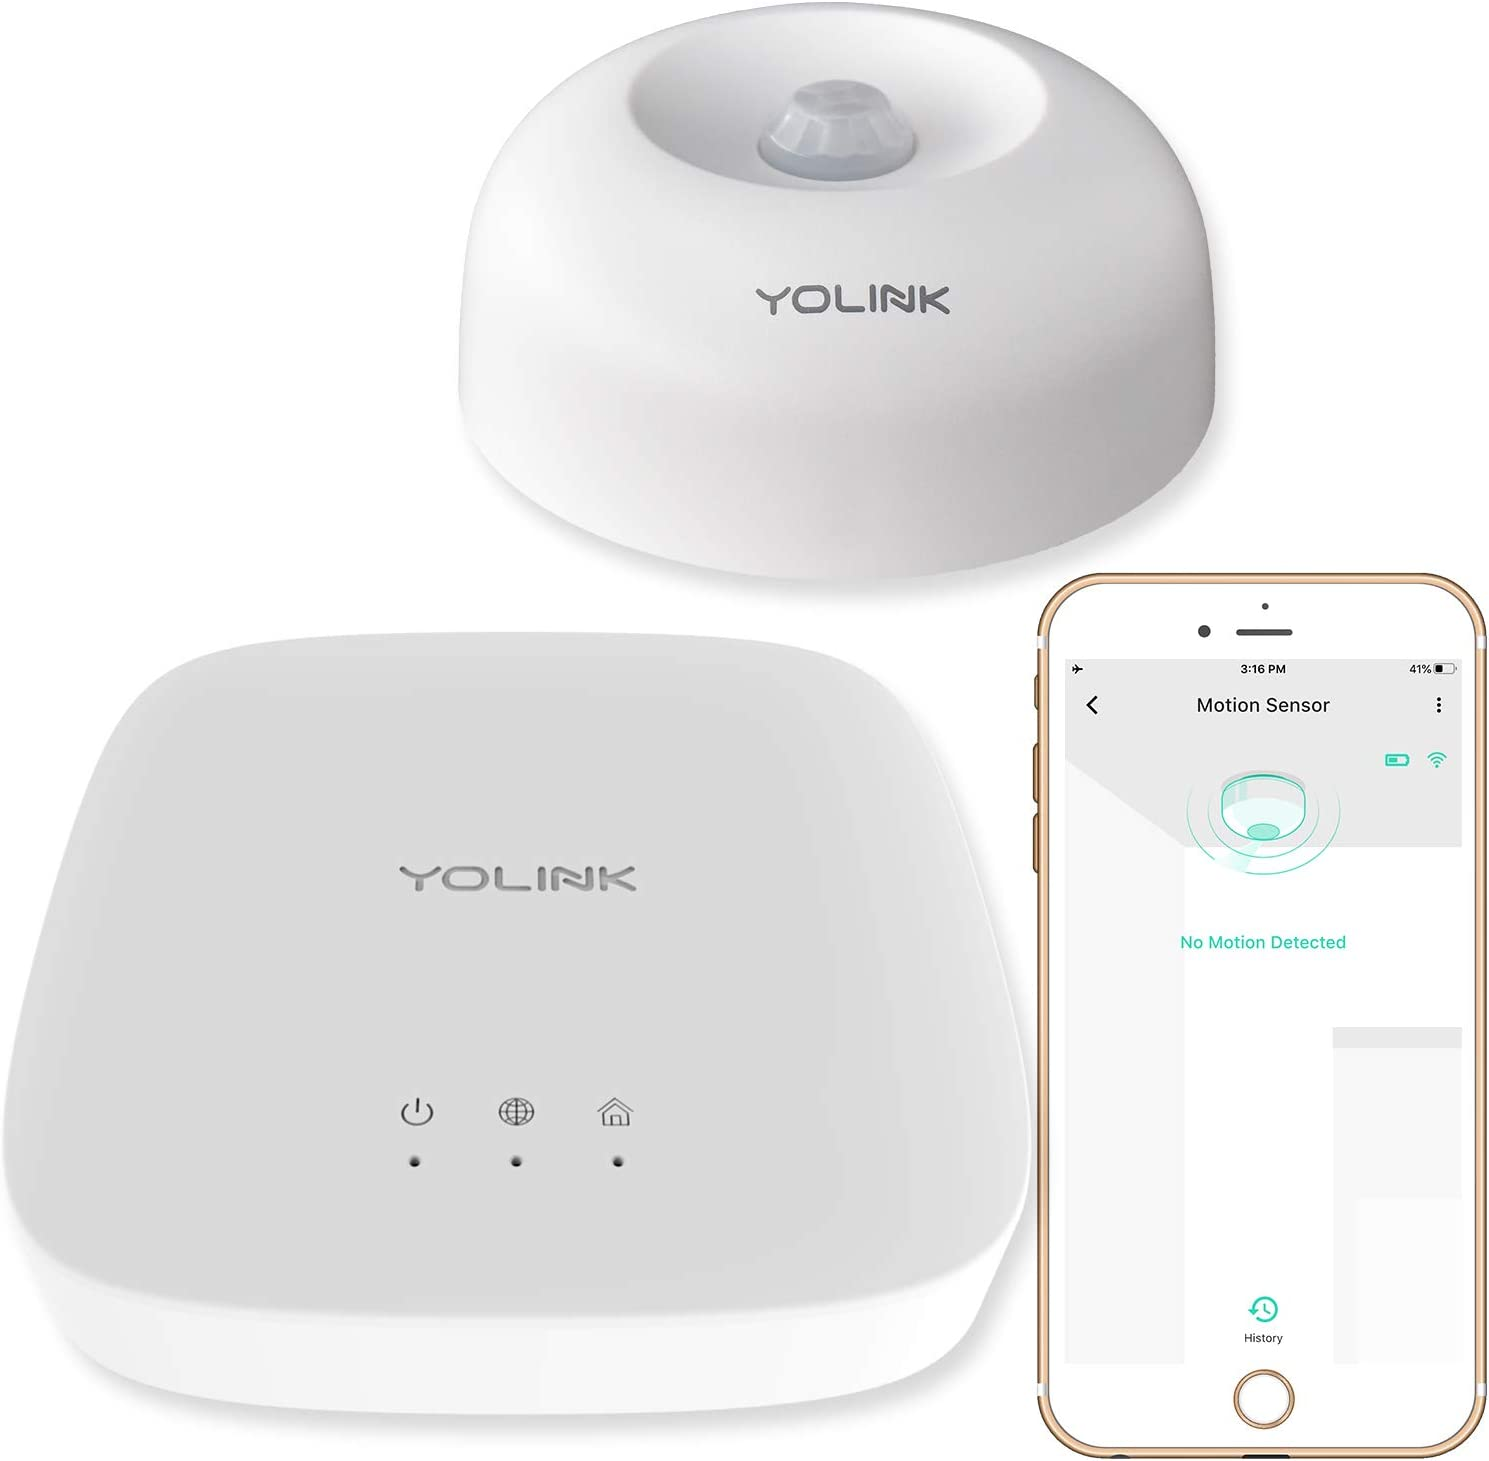 Special sale item Smart Max 68% OFF Motion Sensor YoLink 1 4 Mile Wirel Longest Range World's